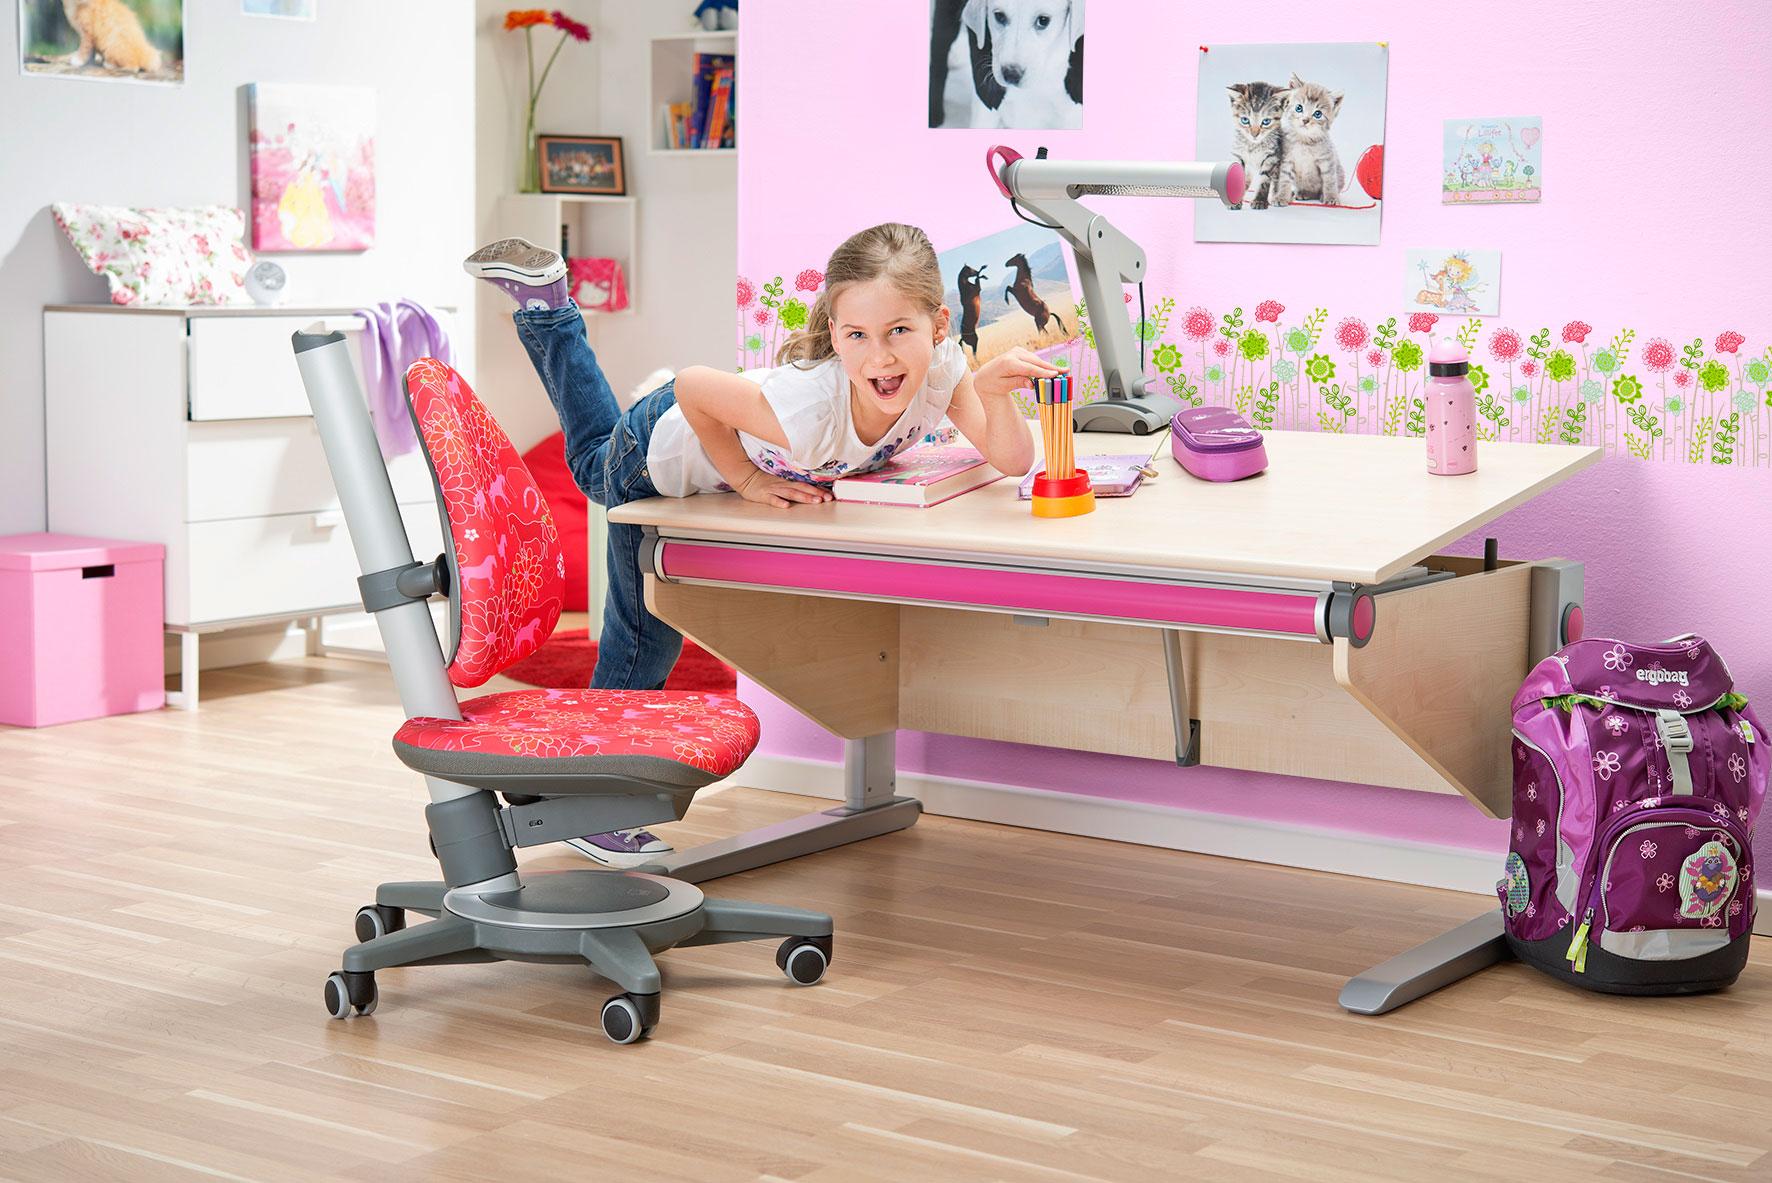 Варианты интерьера детских комнат: создаем стильную сказку (.